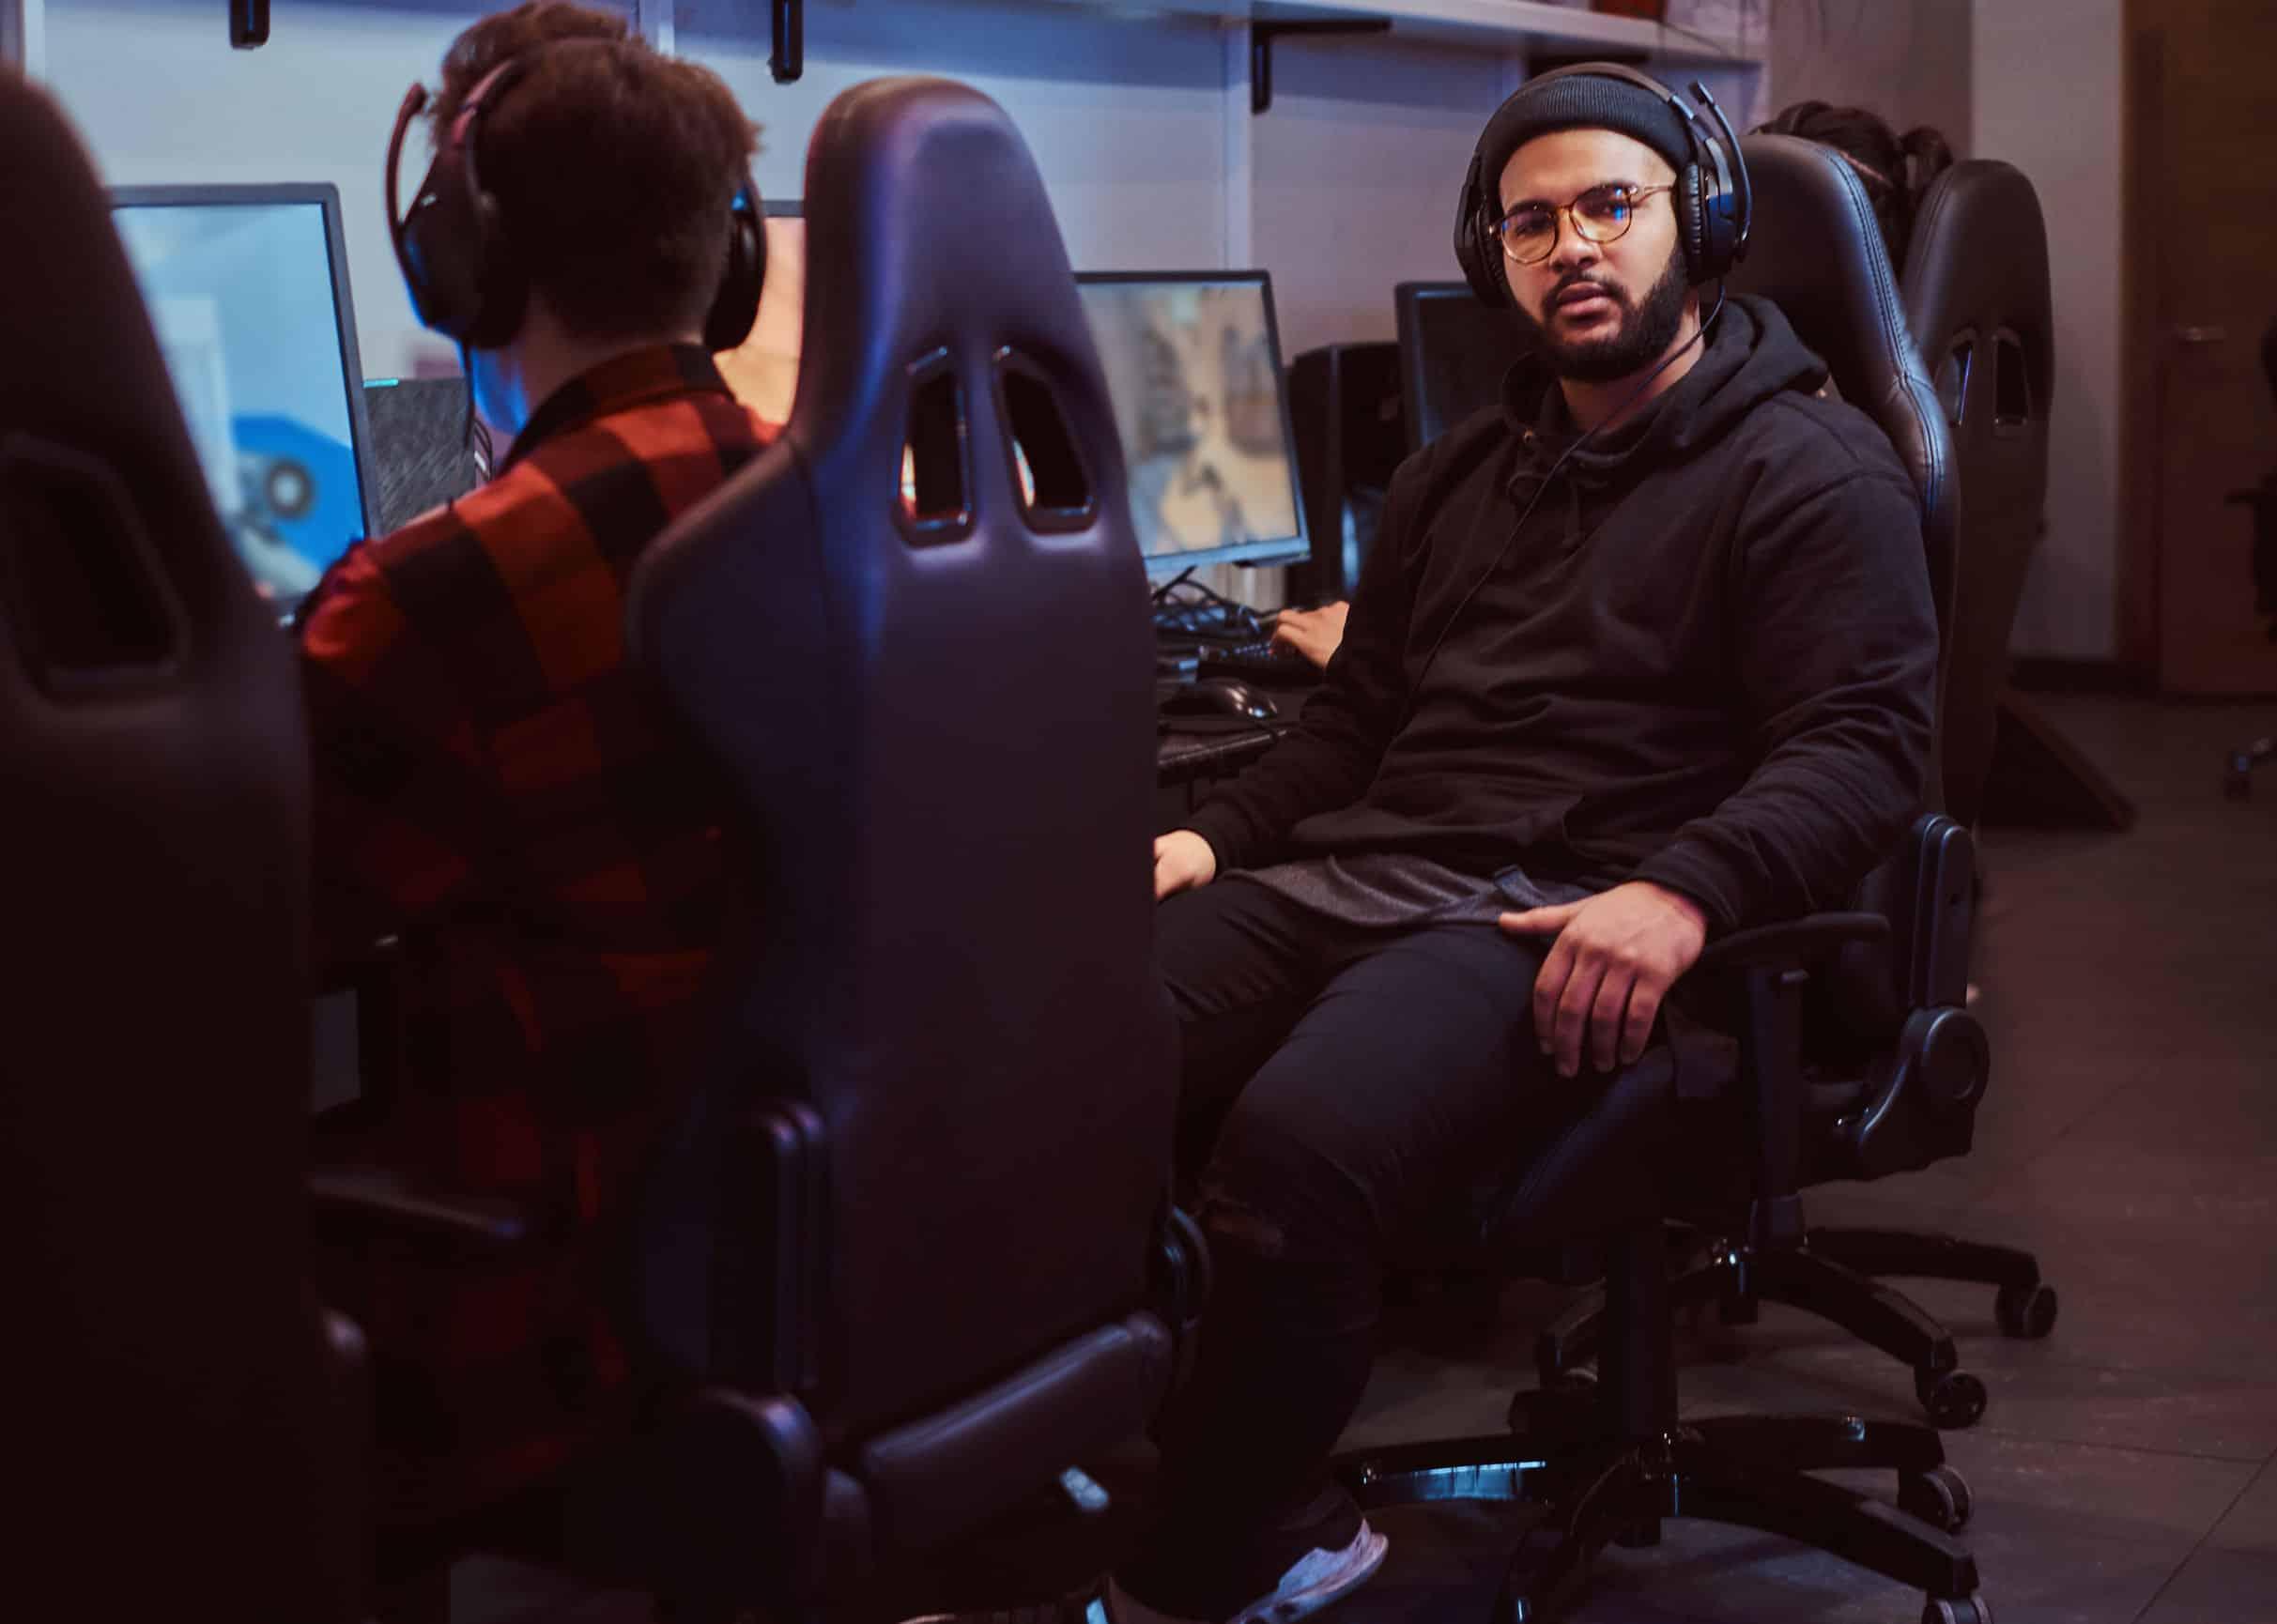 Cadeira gamer: Como escolher a melhor em 2020?